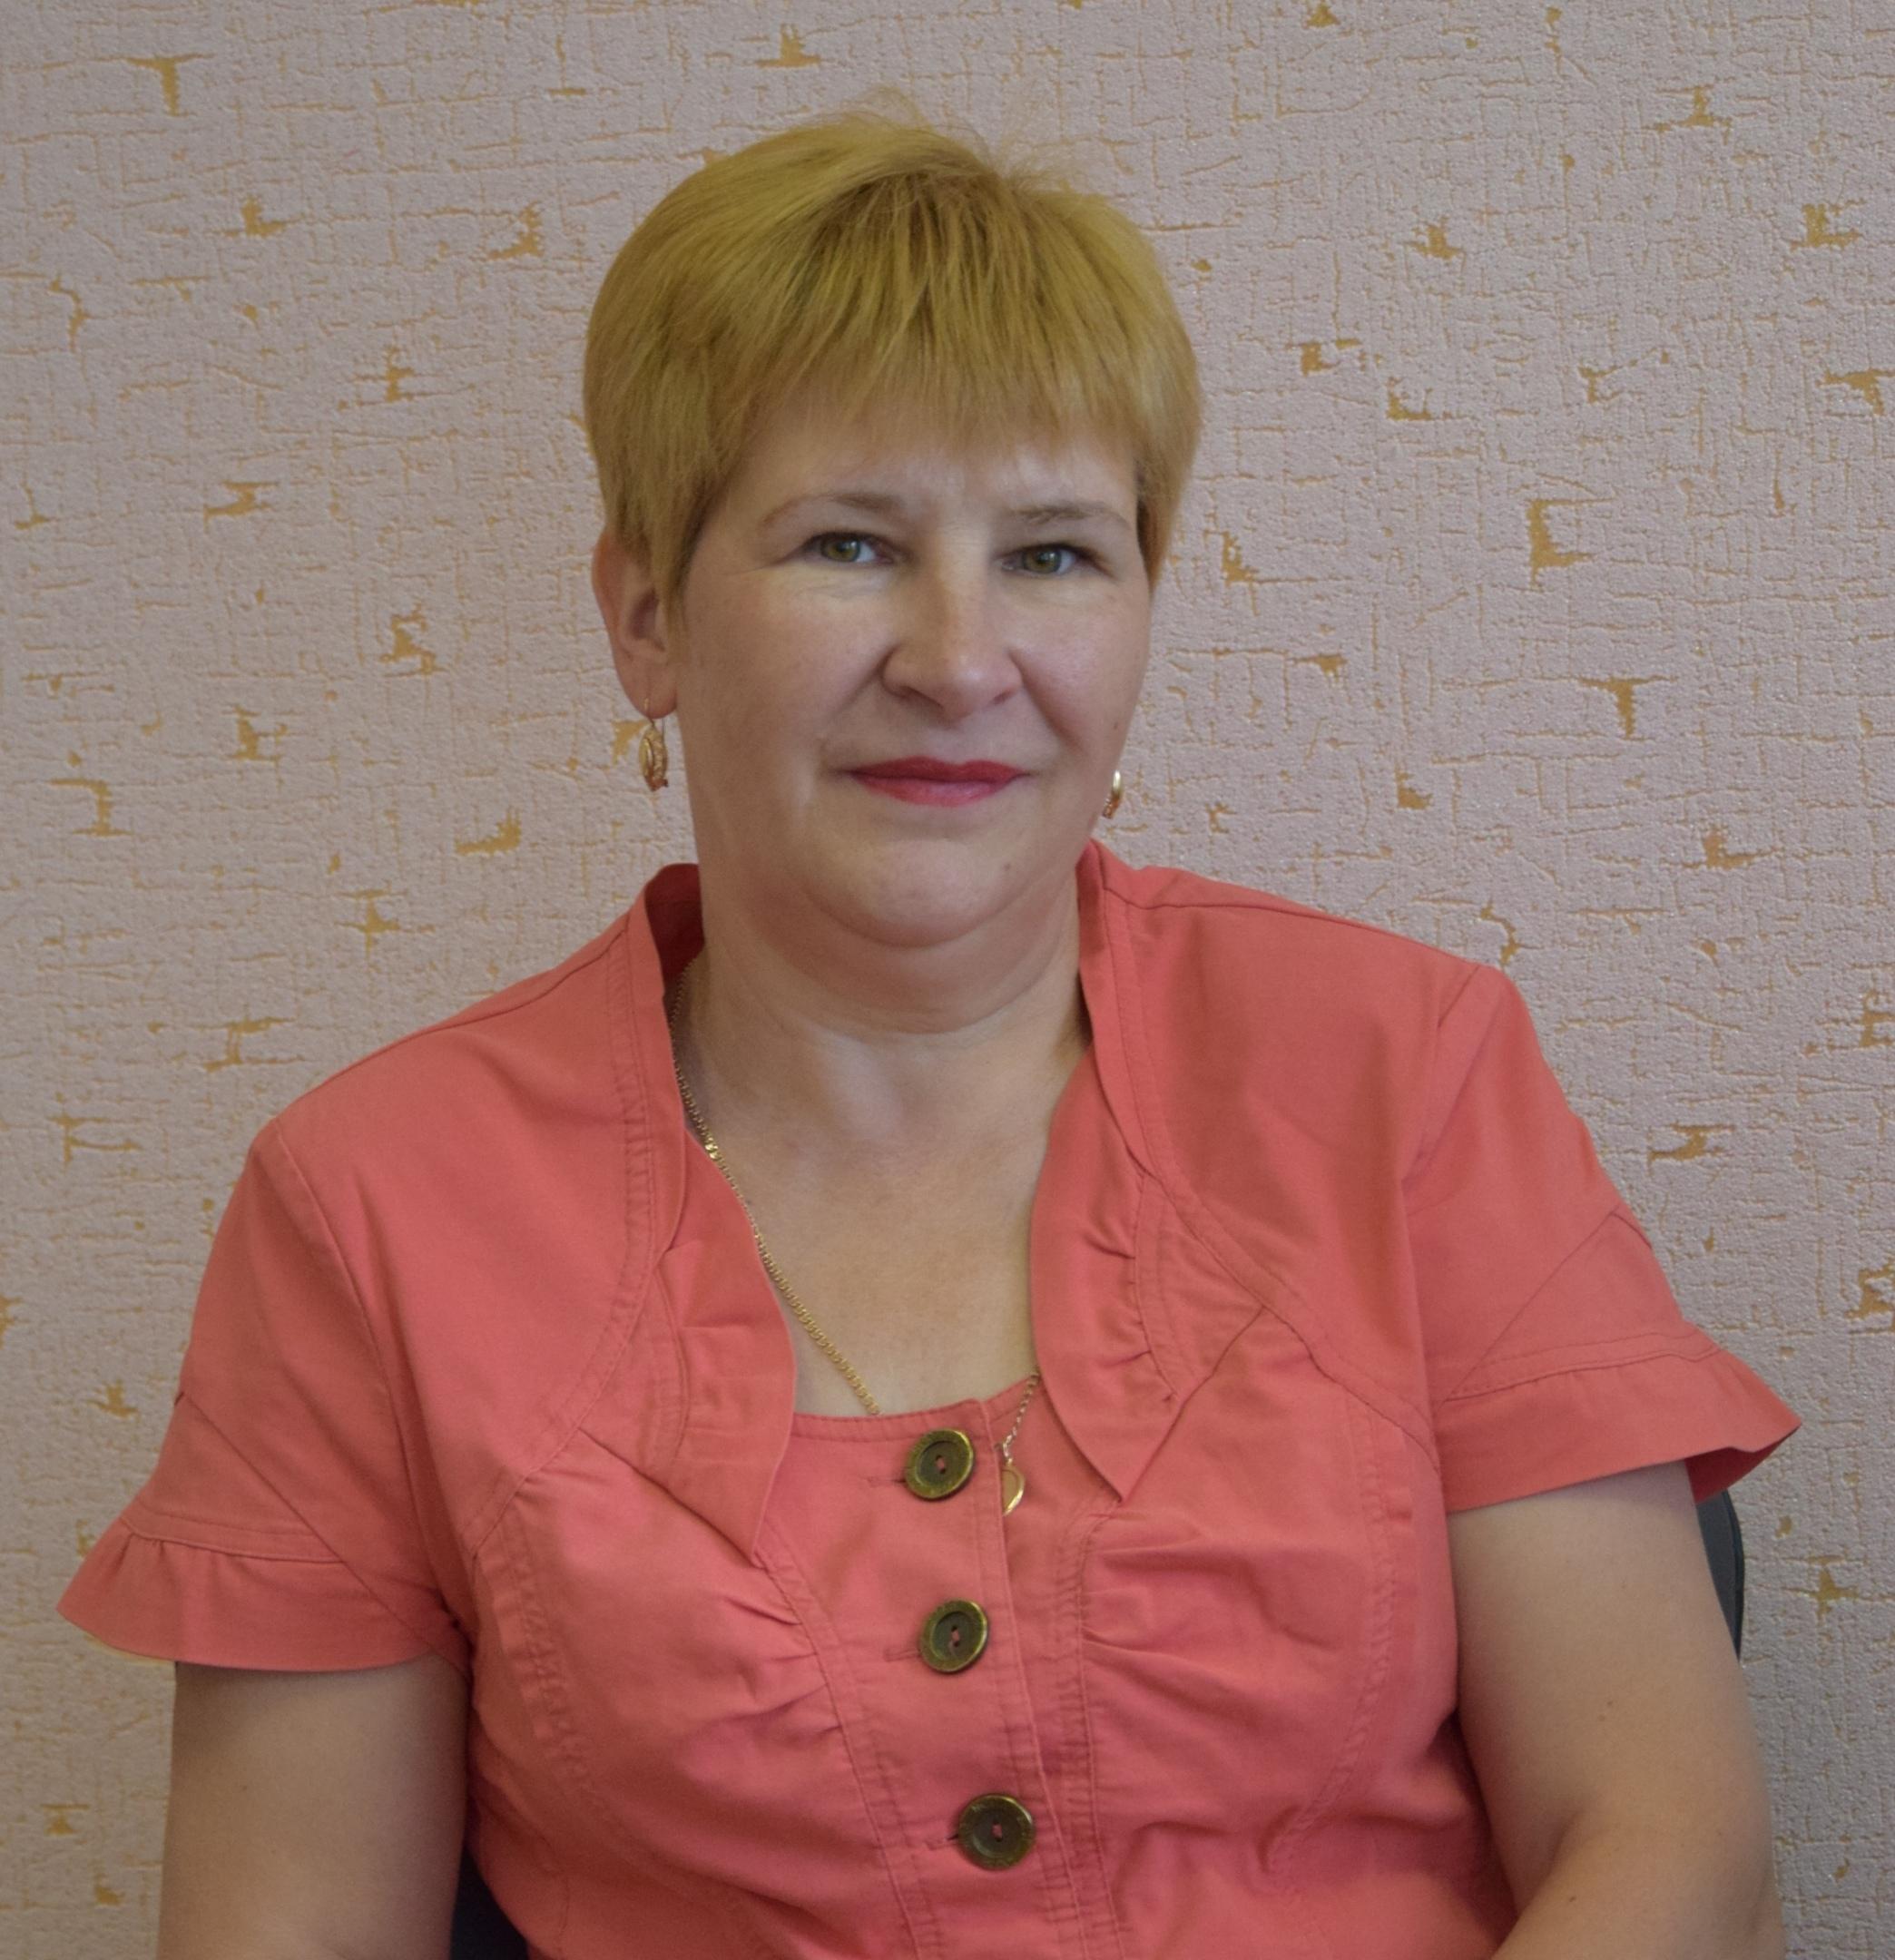 Елена Афанасьева: Считаю, что сложности в приобретении и ношении маски нет